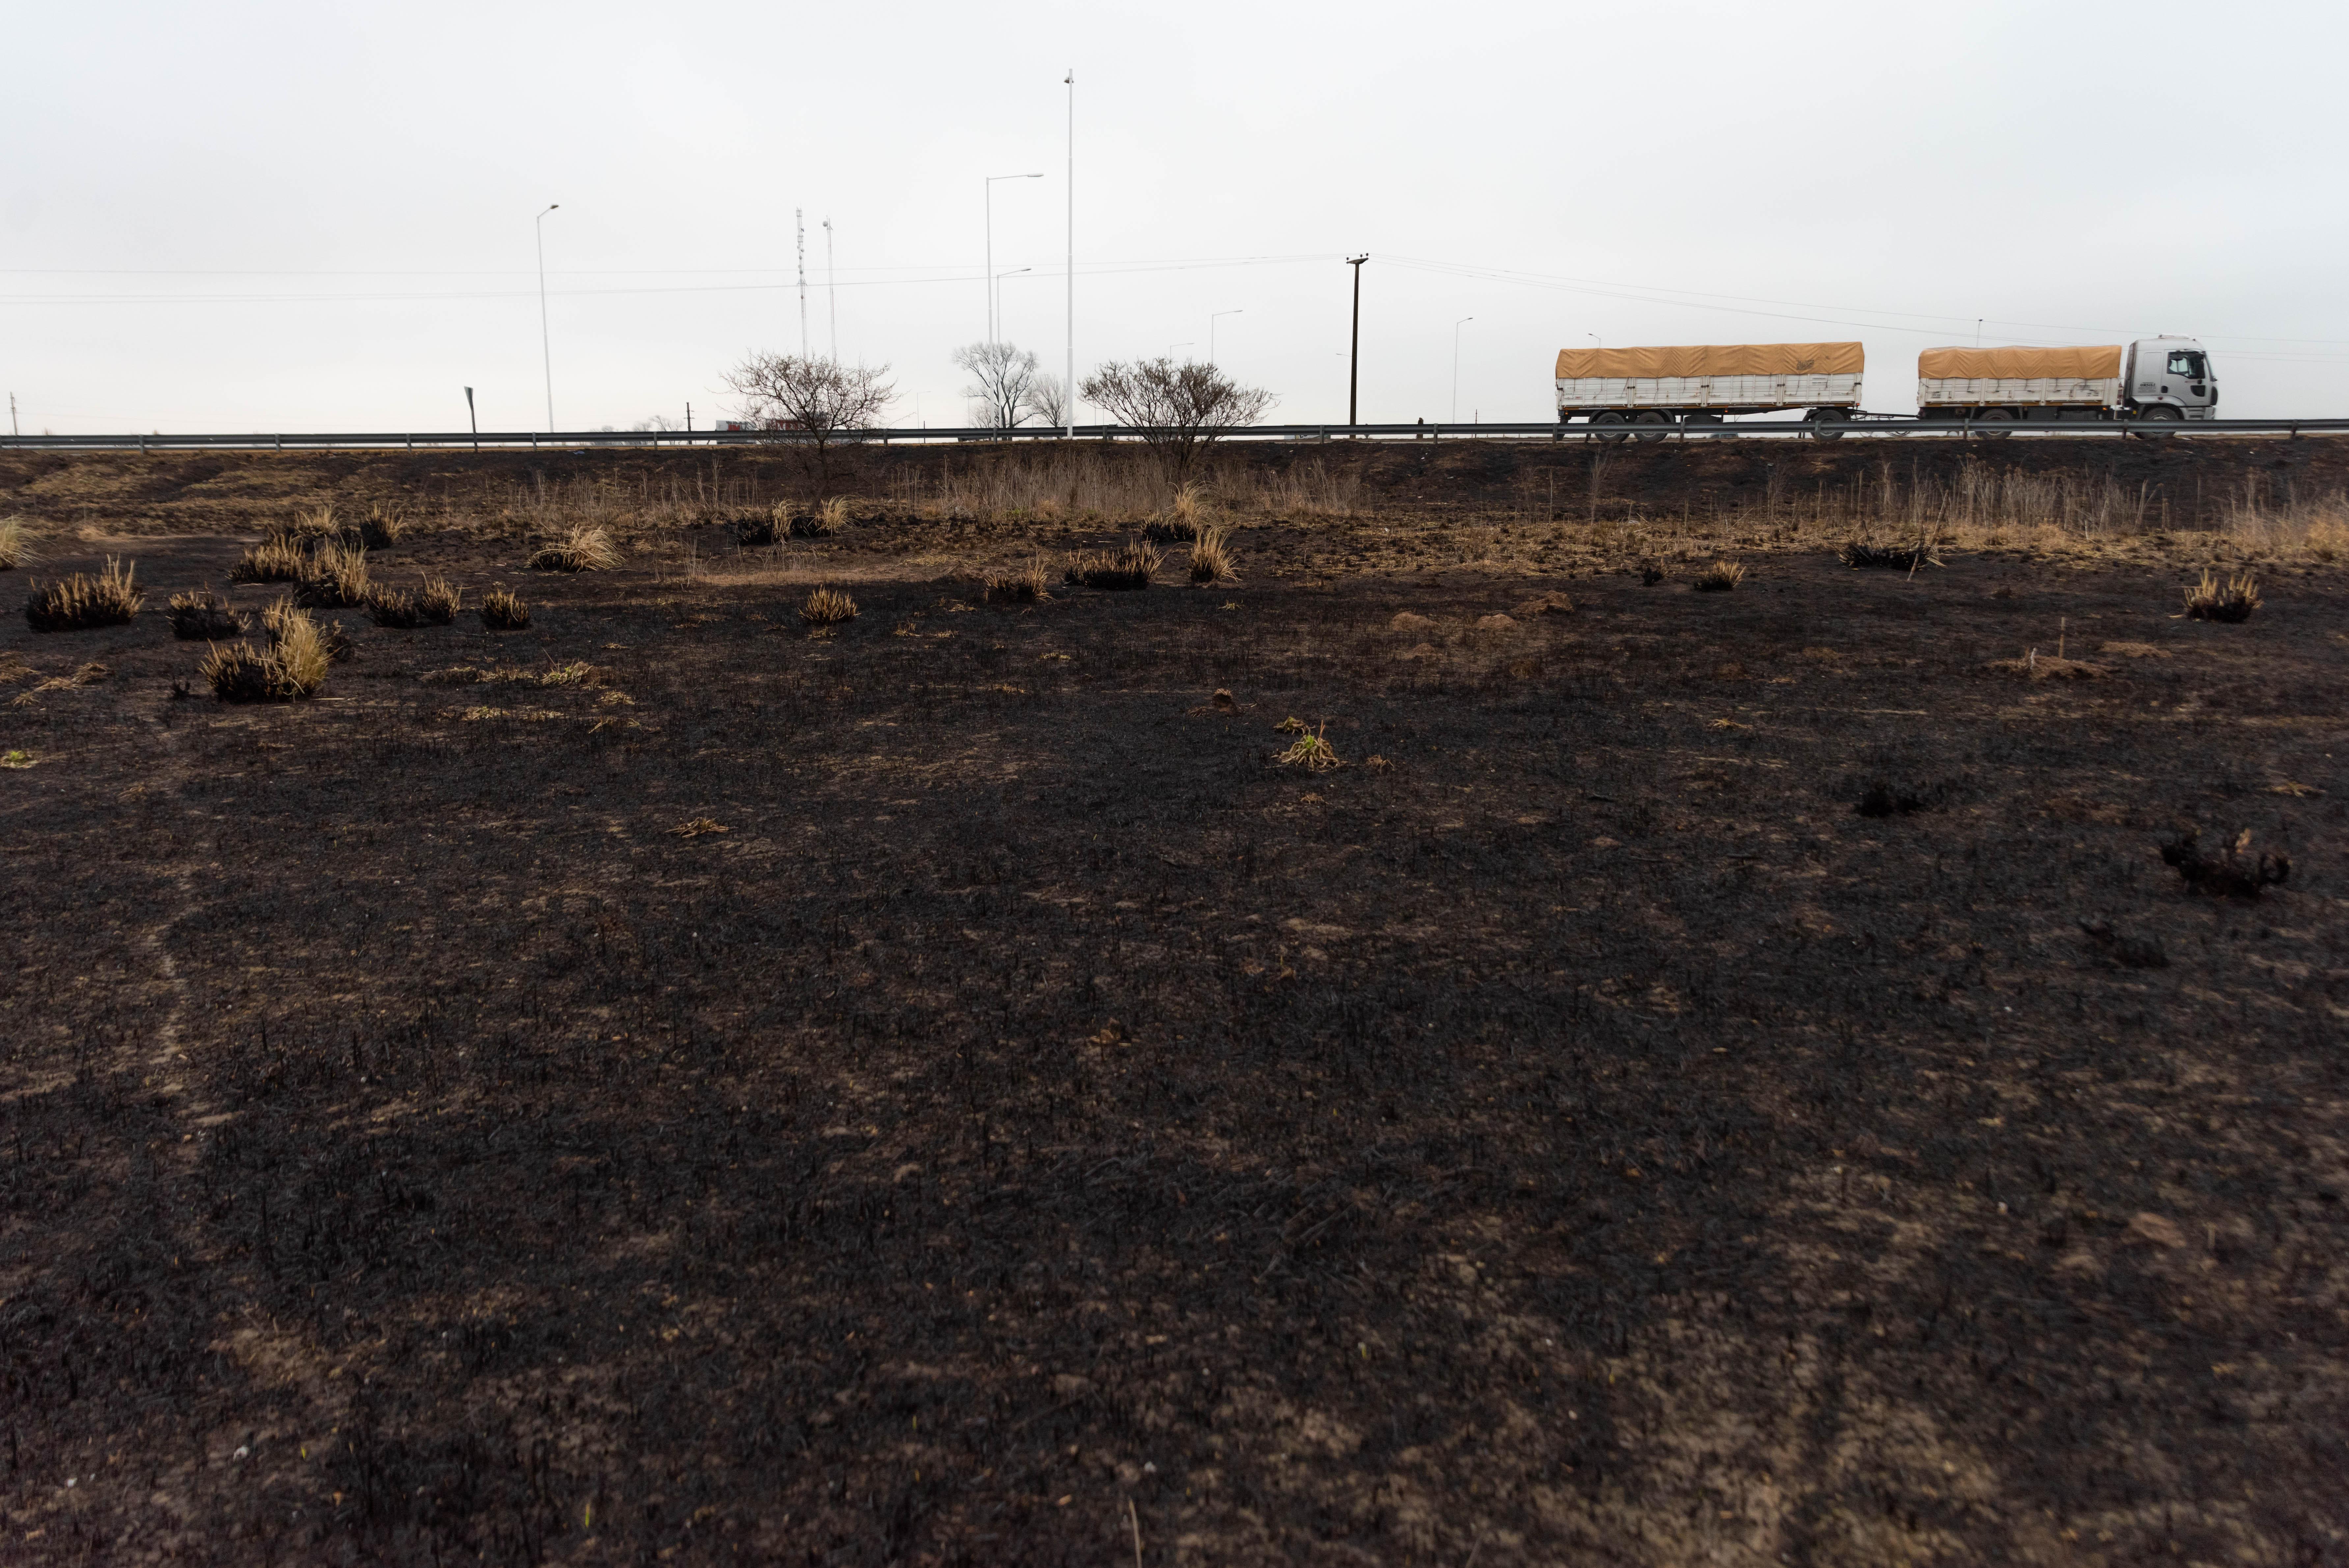 El humo se originó por la quema de pastizales que realizan varios productores agropecuarios, lo que provocó que ecologistas de Entre Ríos y Santa Fe denunciaran la quema intencional de pastizales